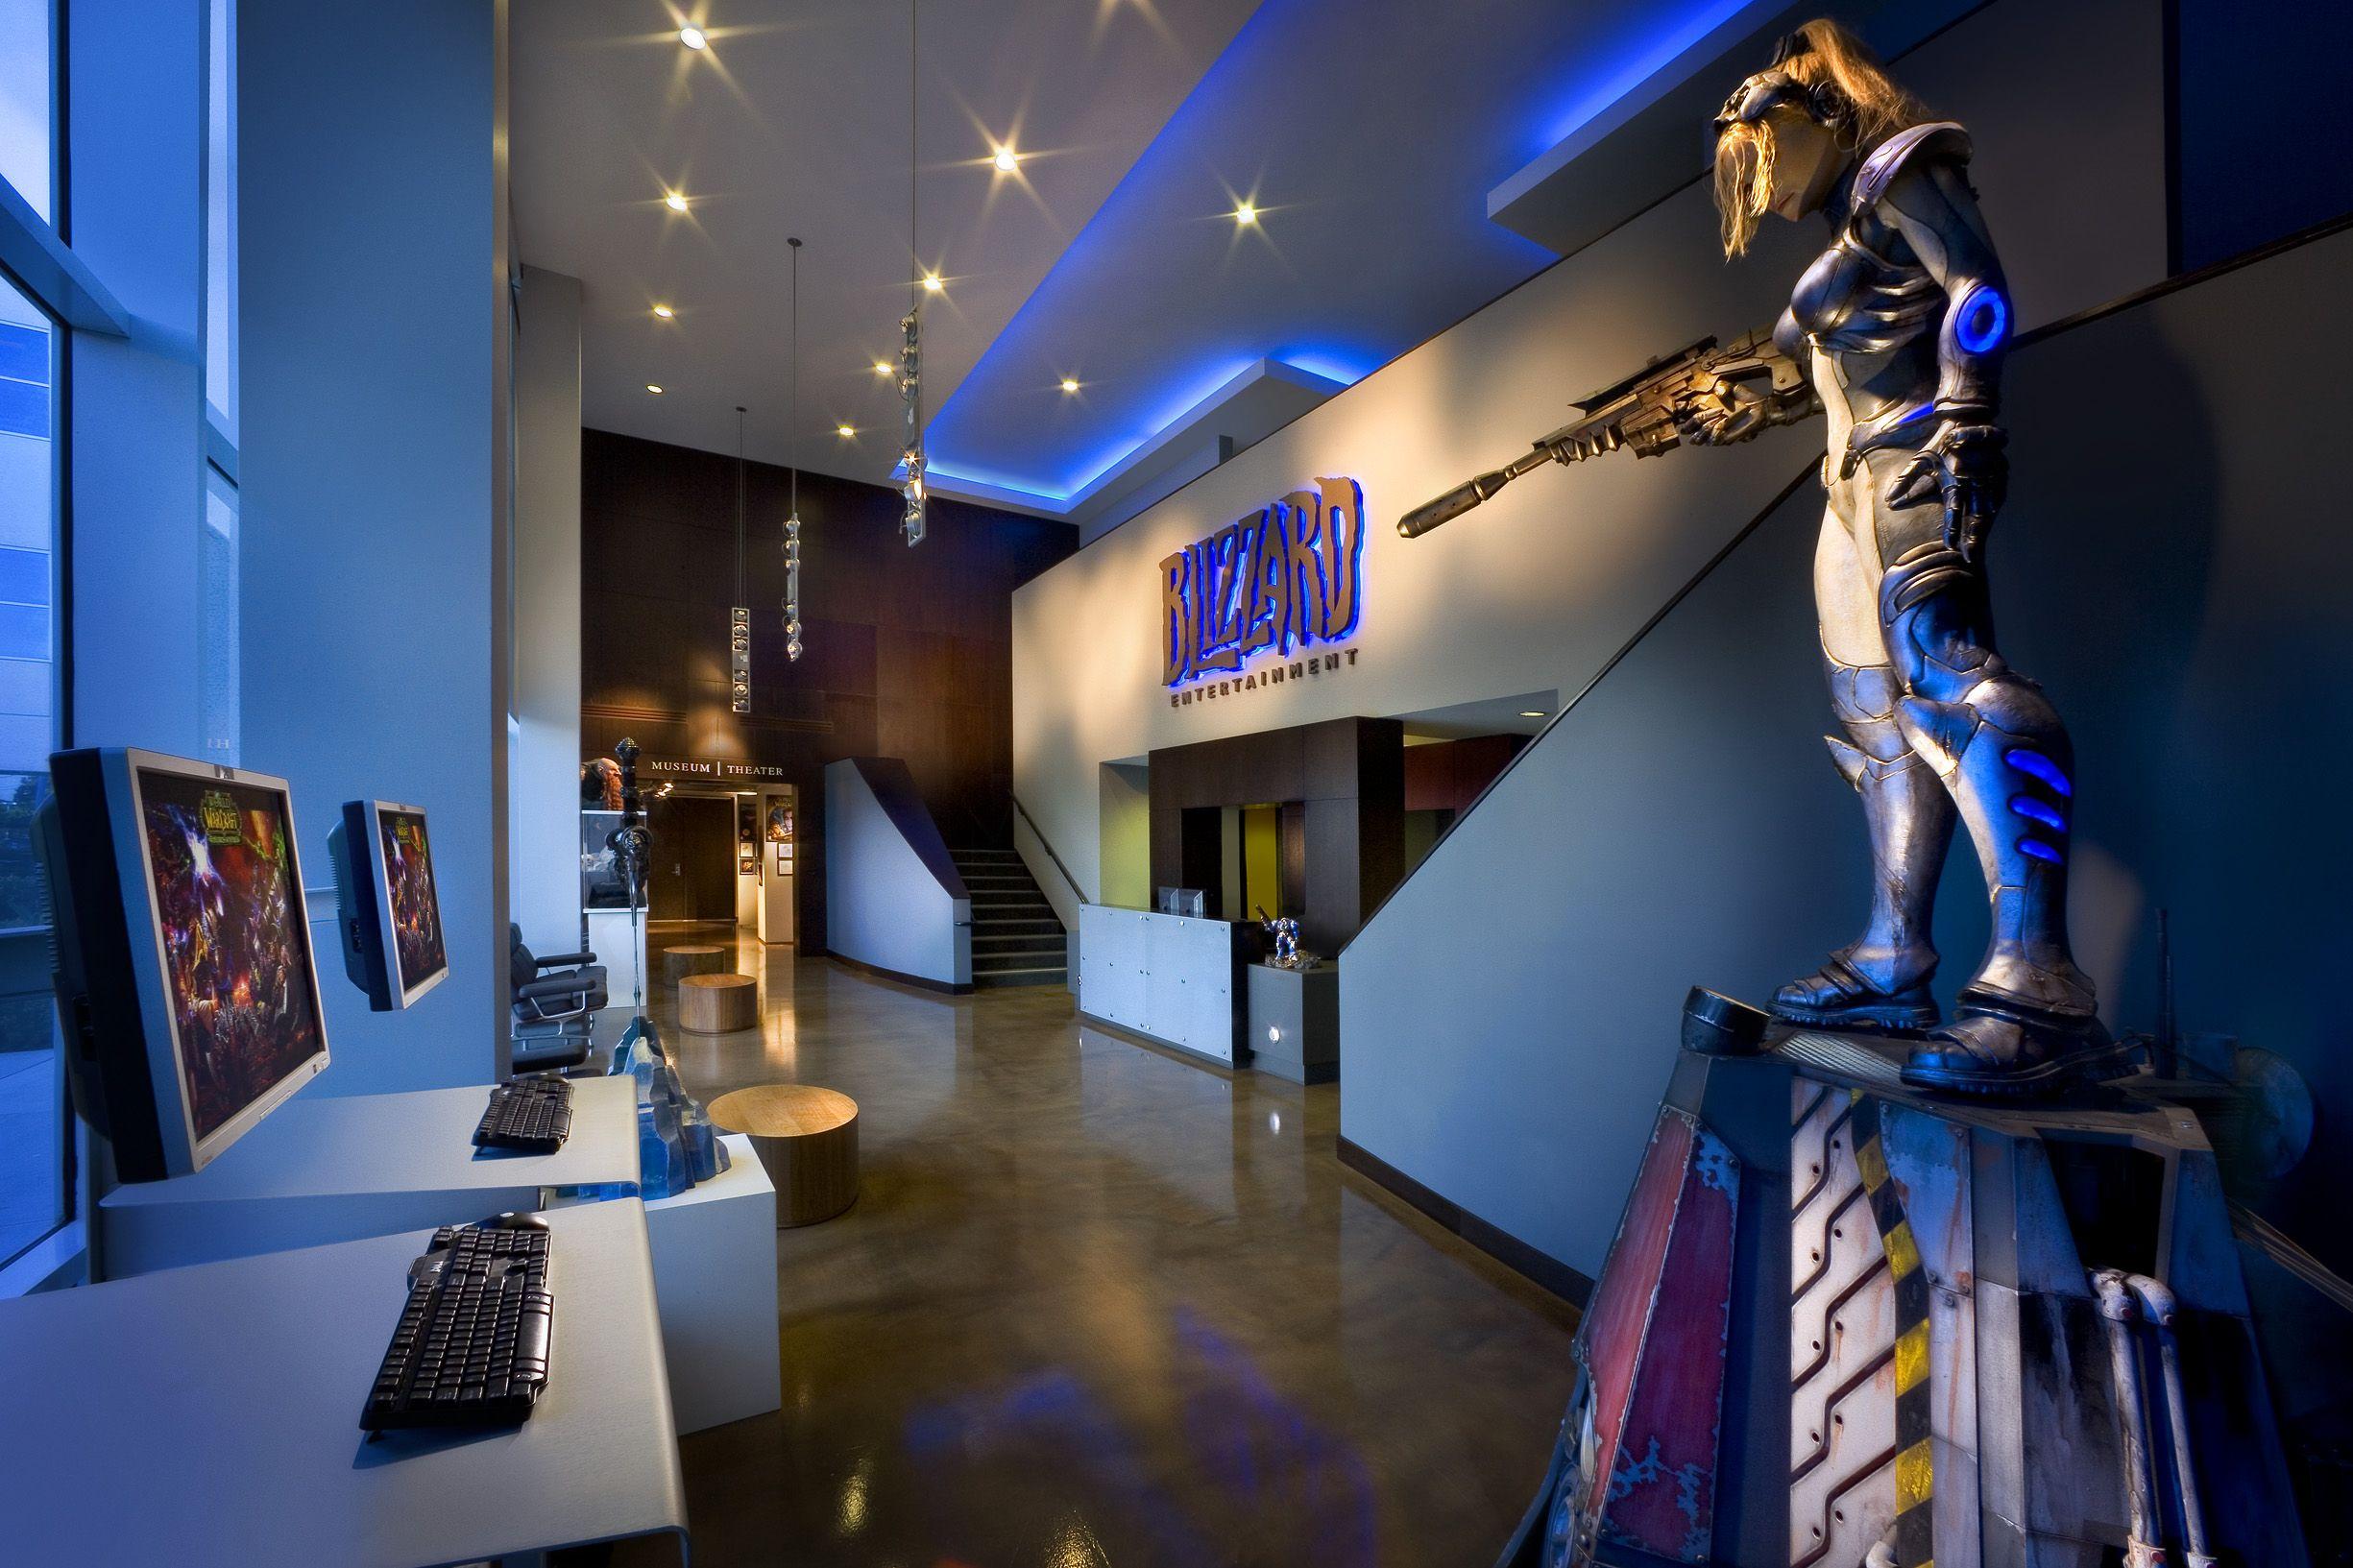 Blizzard Entertainment Lpa Inc Uvolnenie Ssha Ofis